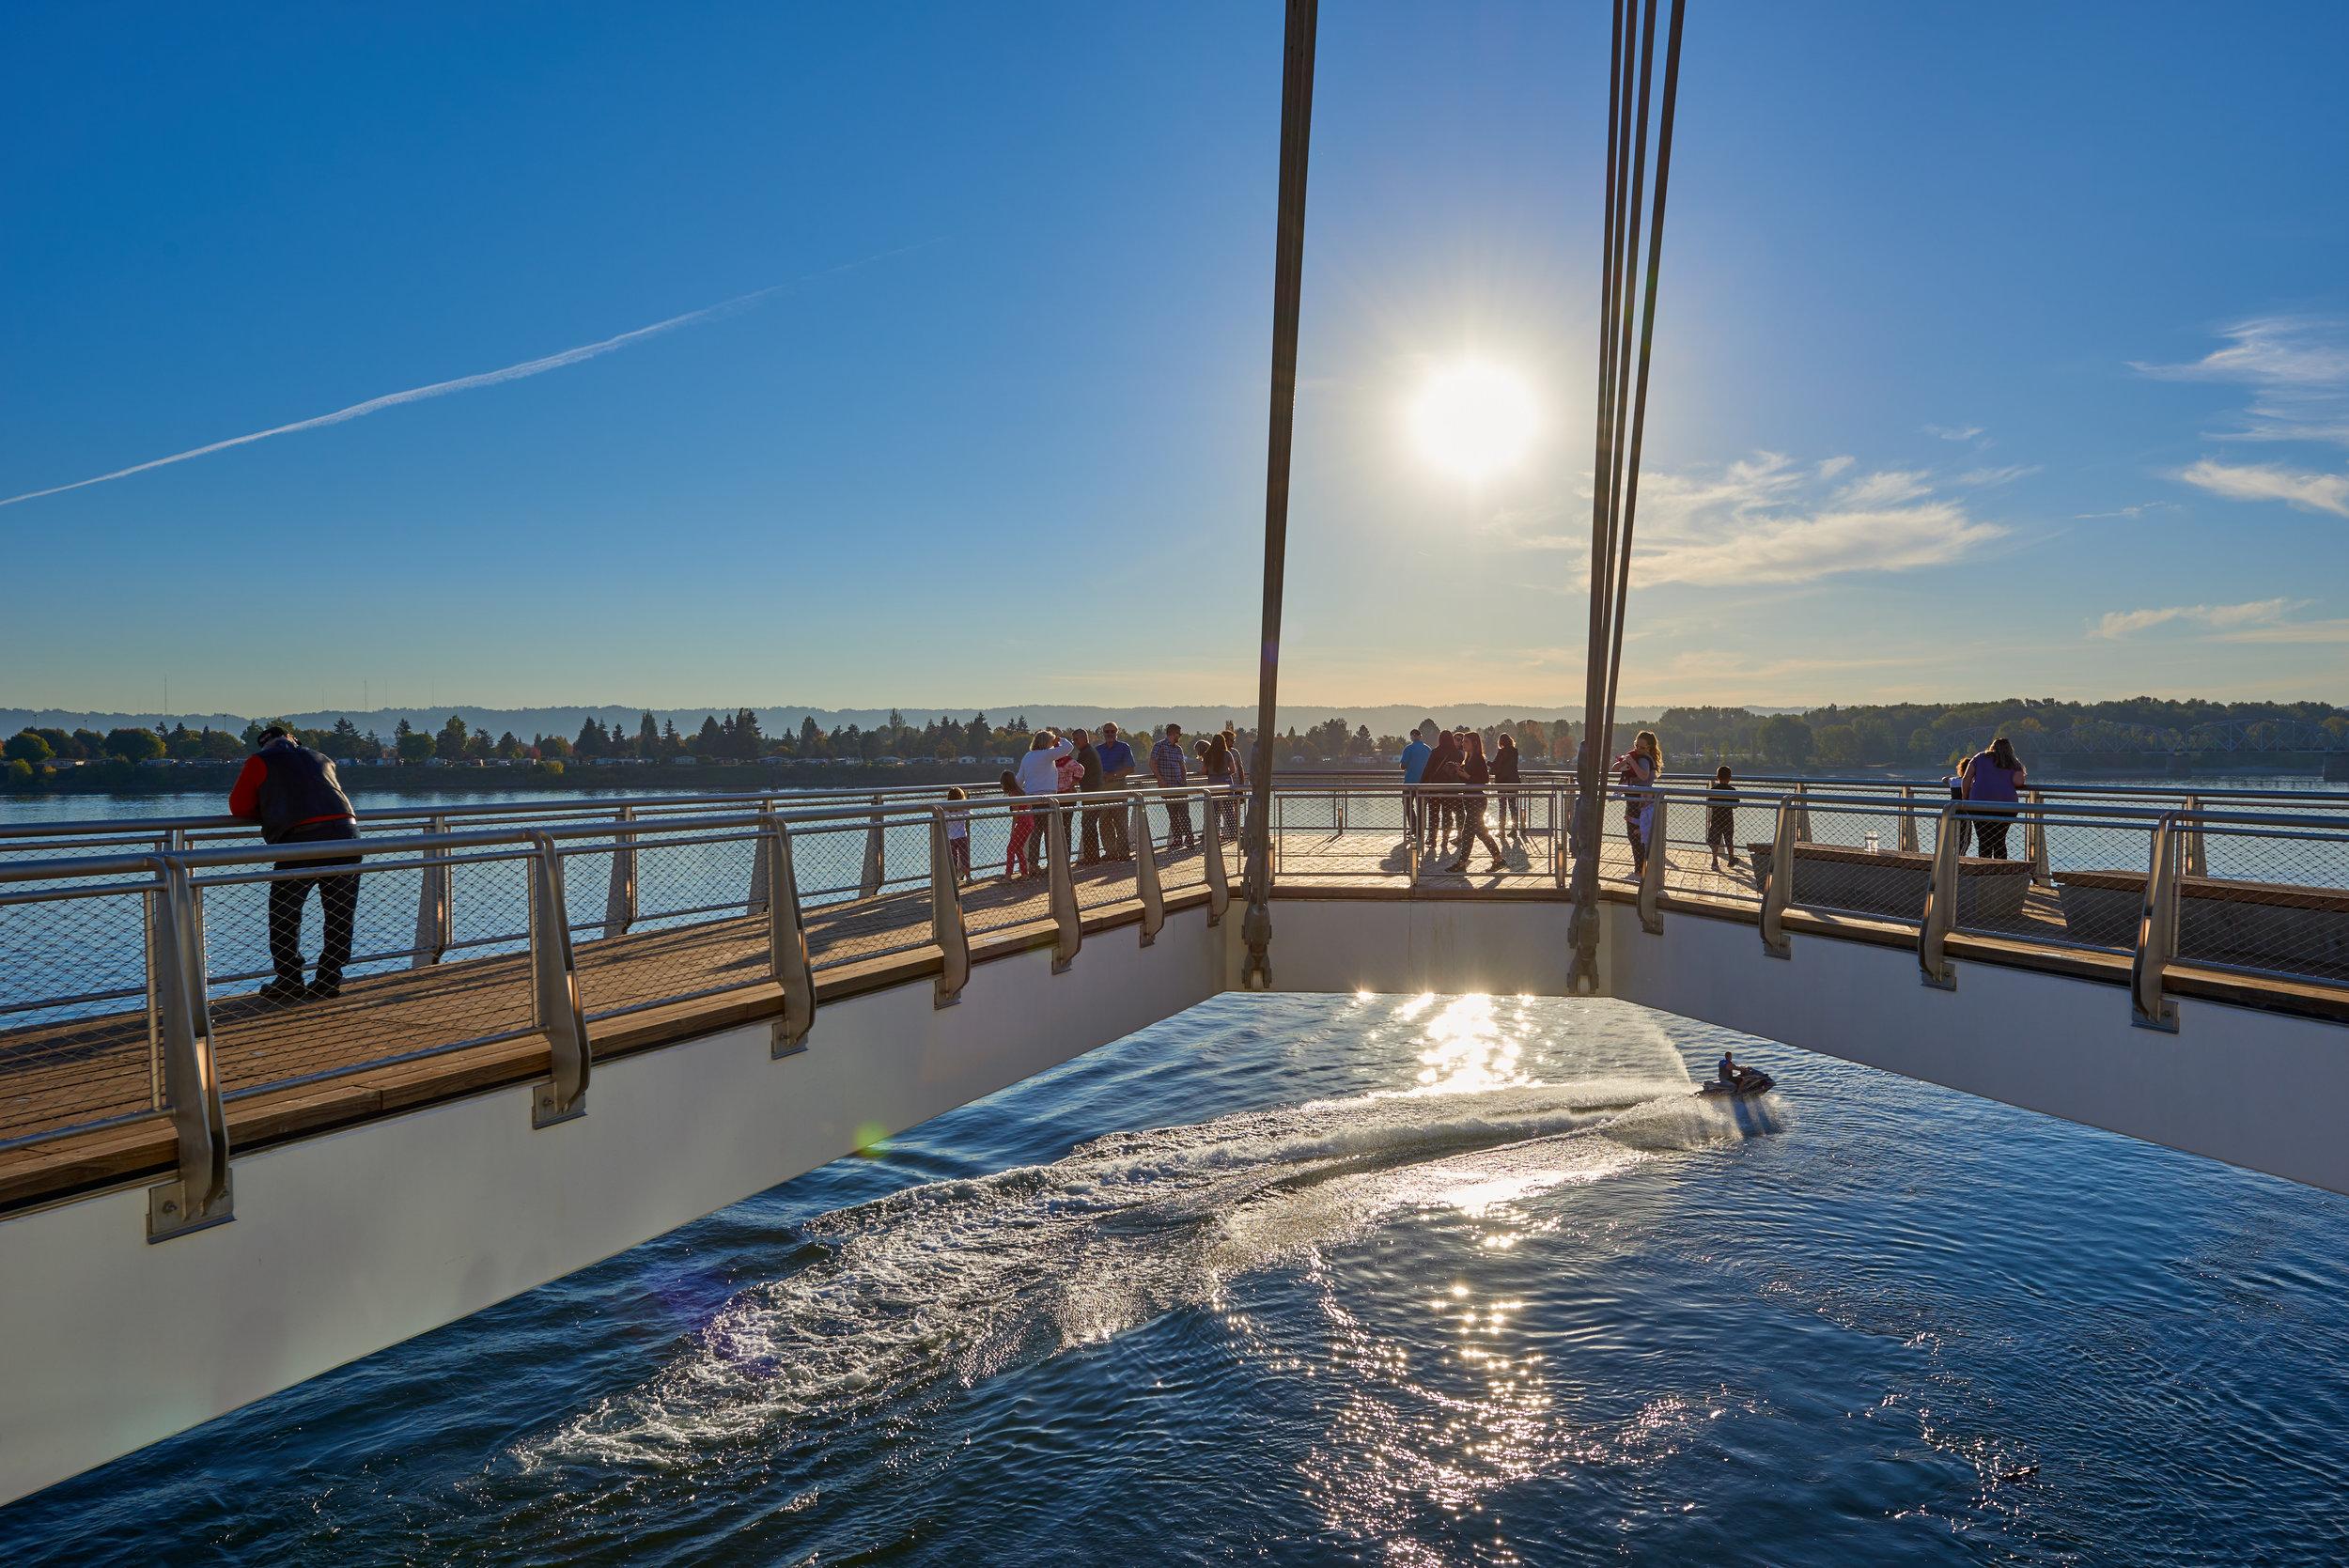 vancouver_waterfront park pier_larry kirkland_public art services_j grant projects_39.jpg